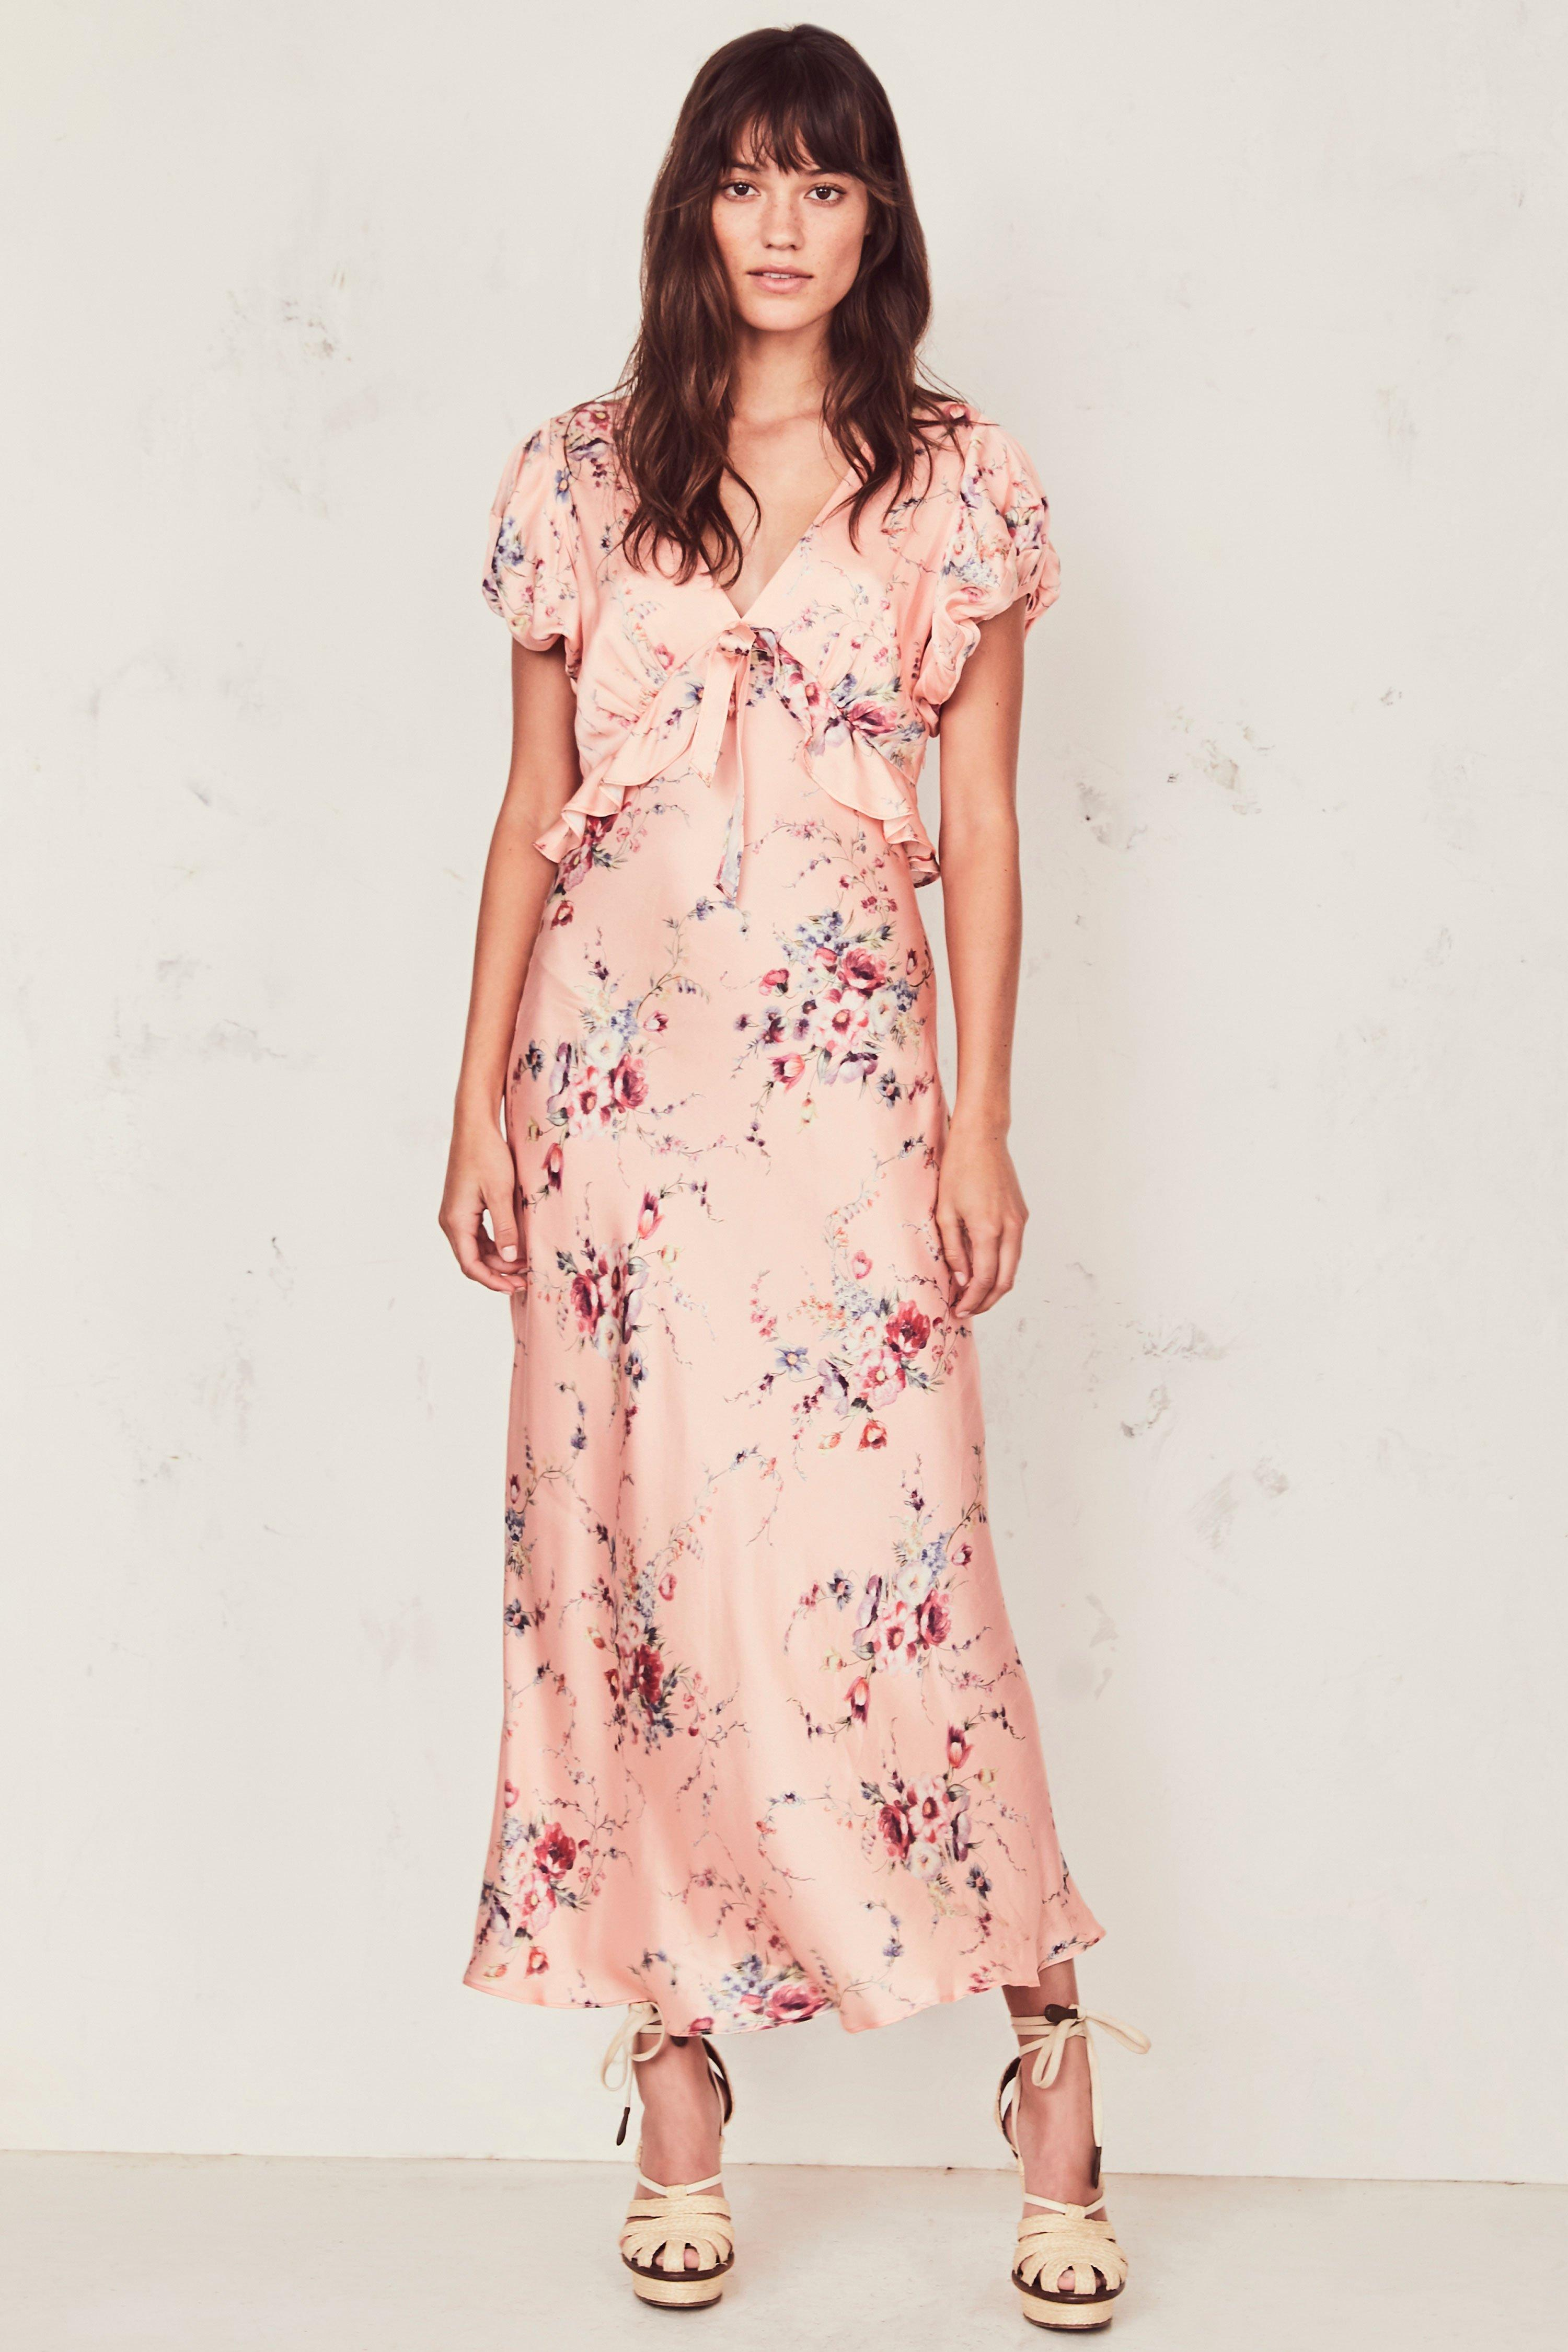 512c9dbd6 Lyst - LoveShackFancy Lillian Dress in Pink